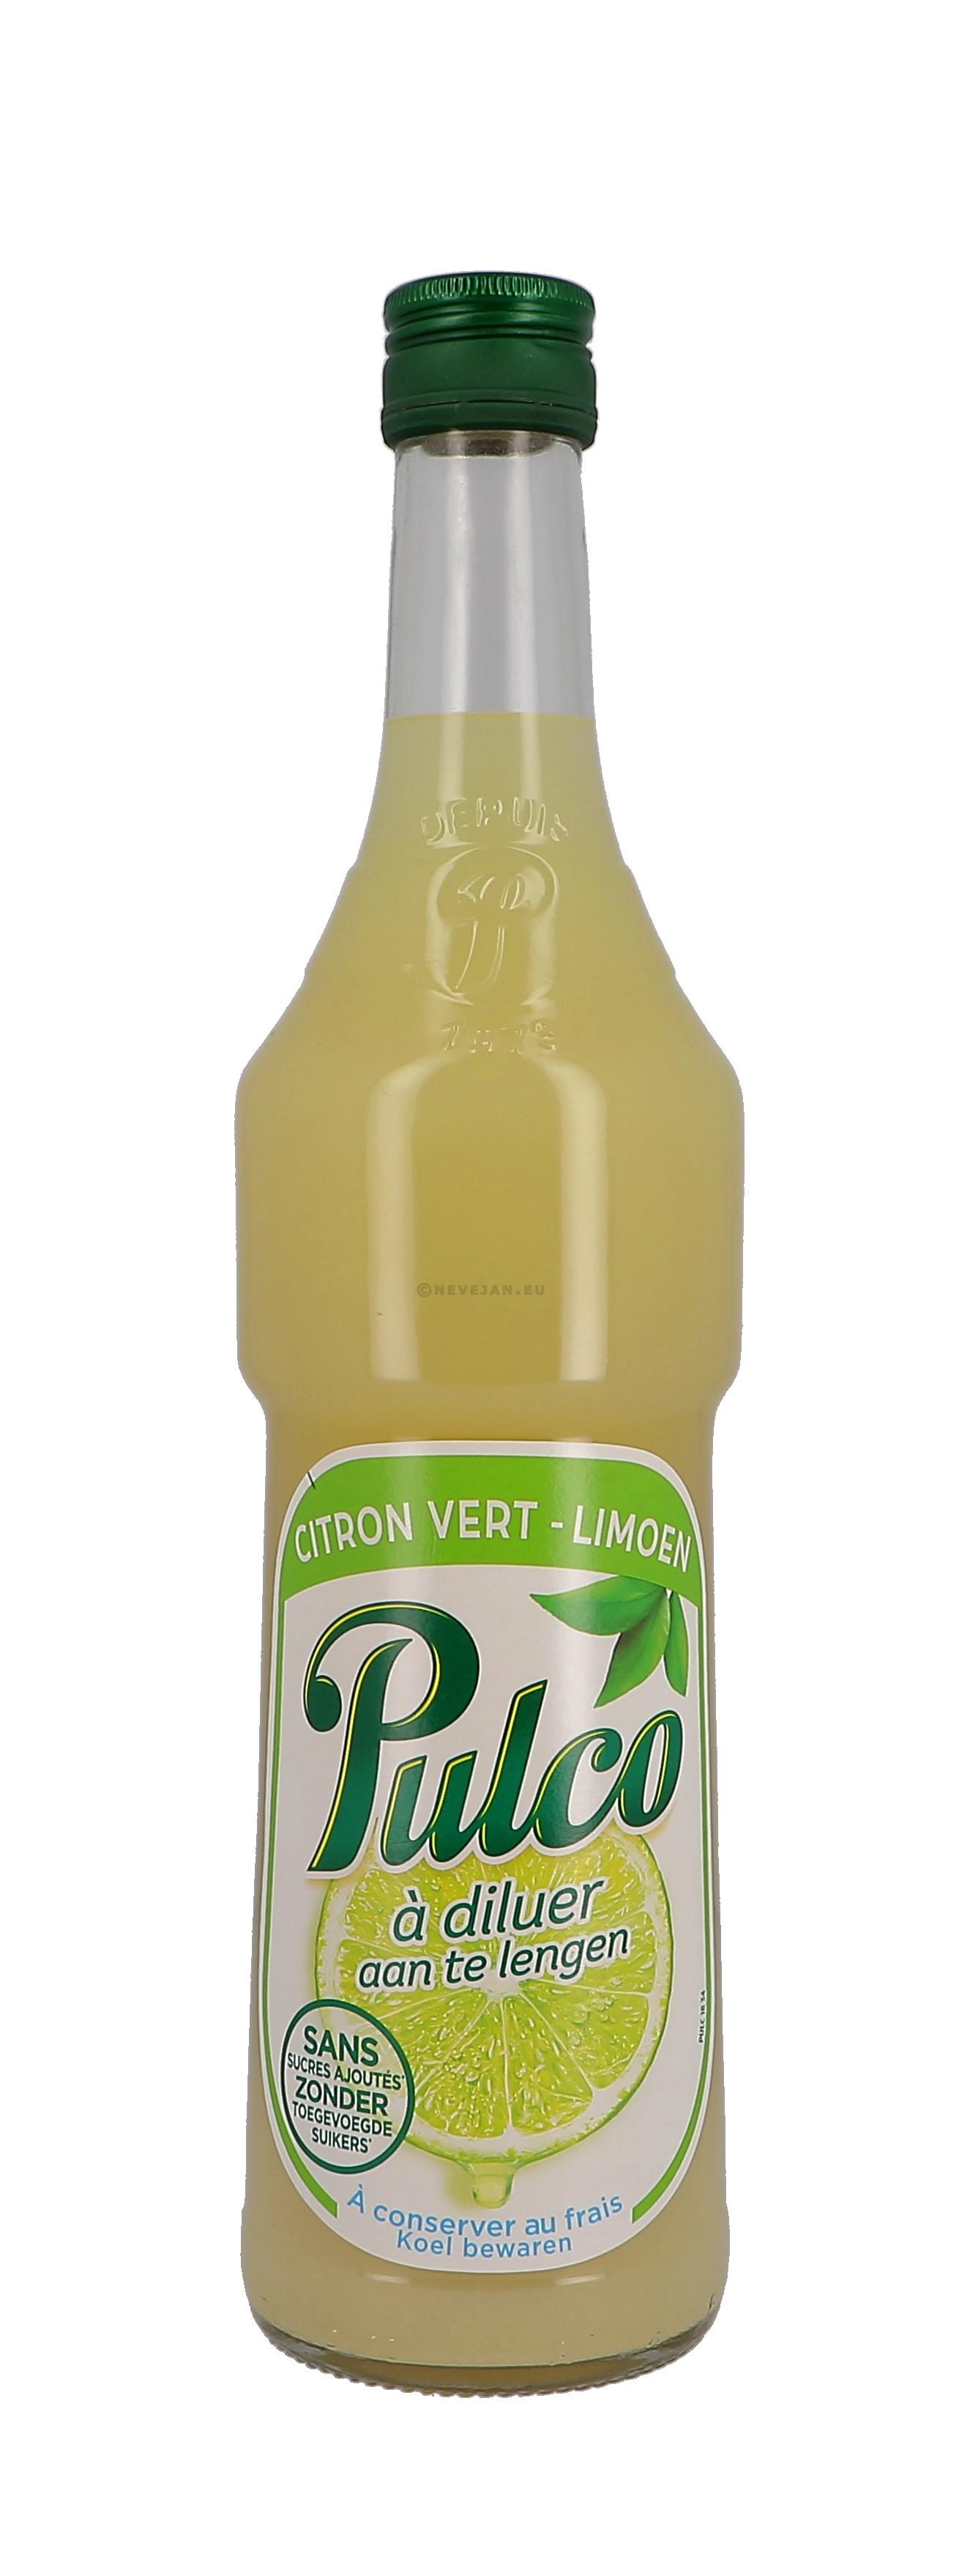 Pulco lemon citron vert 70cl 0%